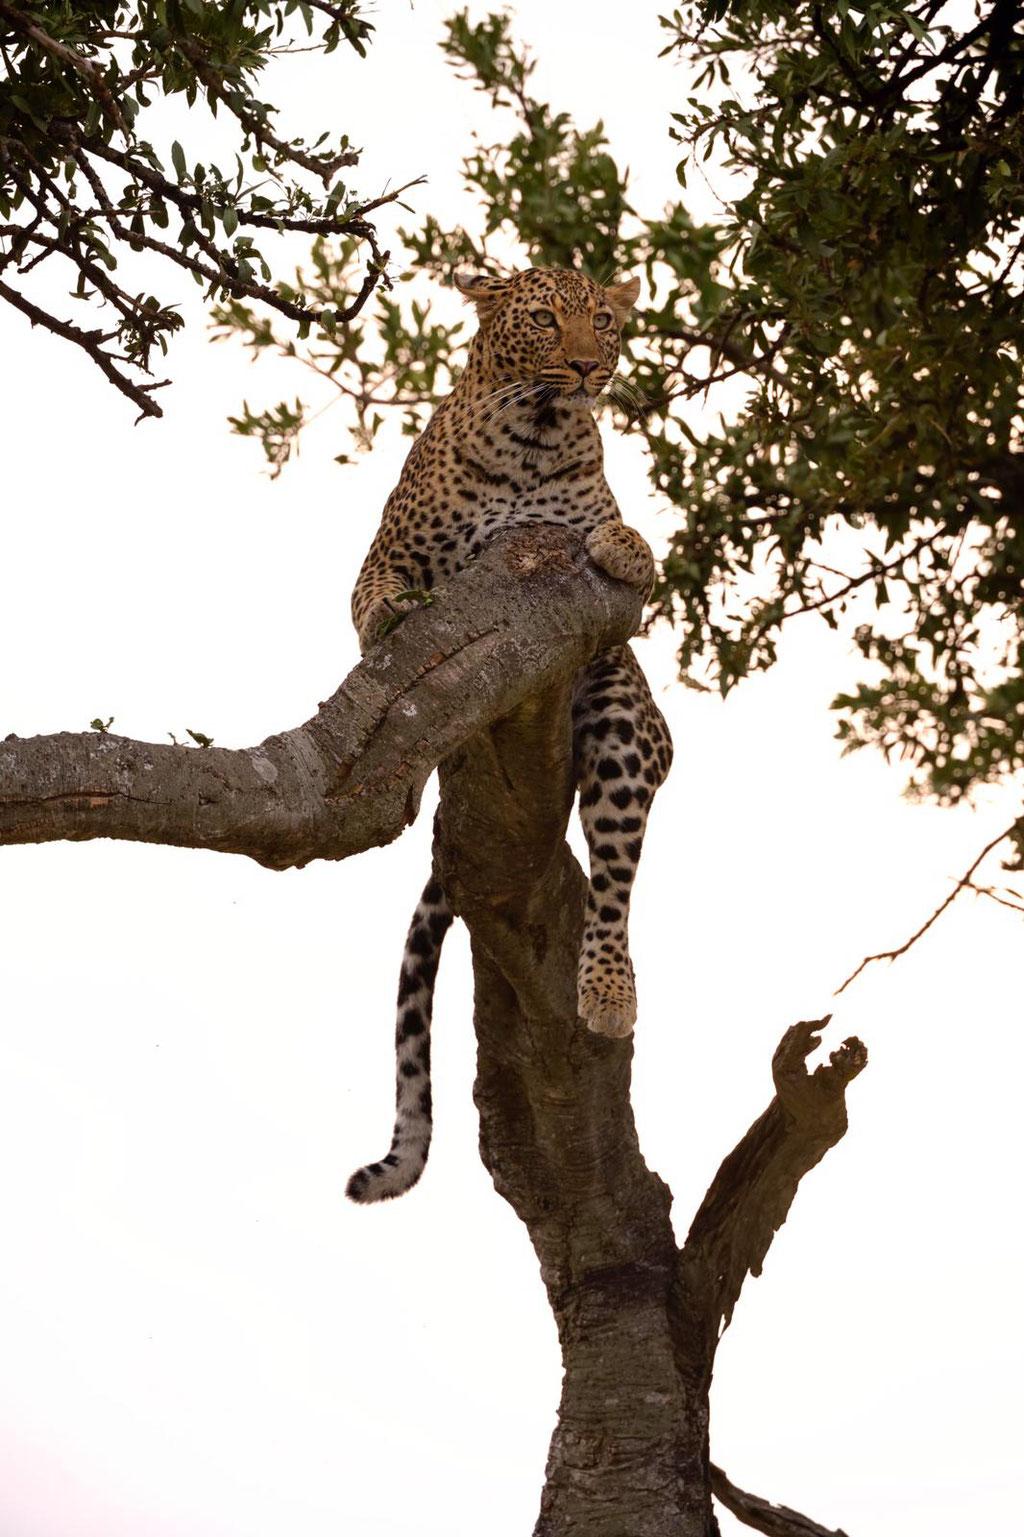 Leopardin Bella 2 auf Baum im Abendlicht - Fotosafari bei Uwe Skrzypczak